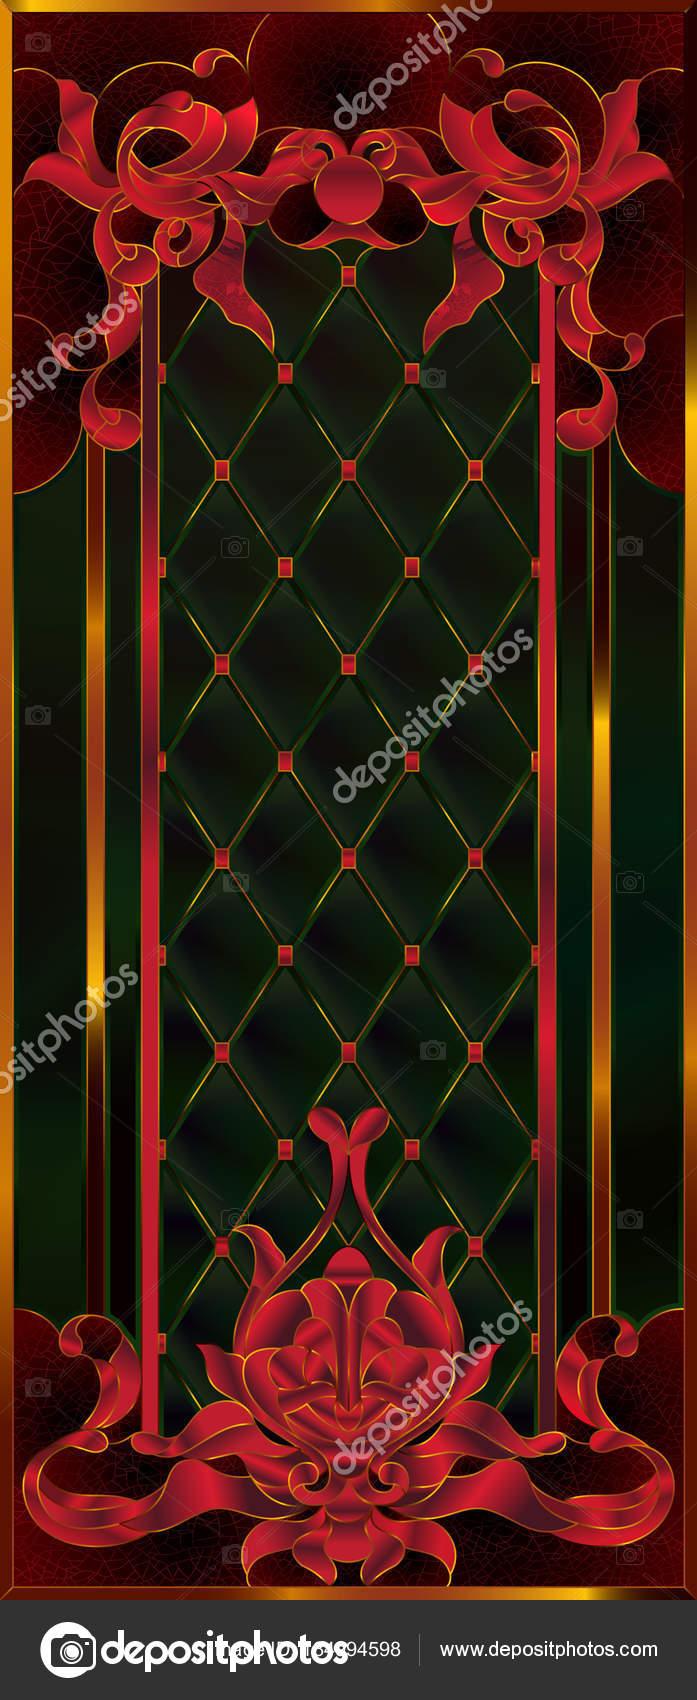 Detallado Colorido Vitral Tiffany Tonos Rojos Sangre Lujoso Marco ...